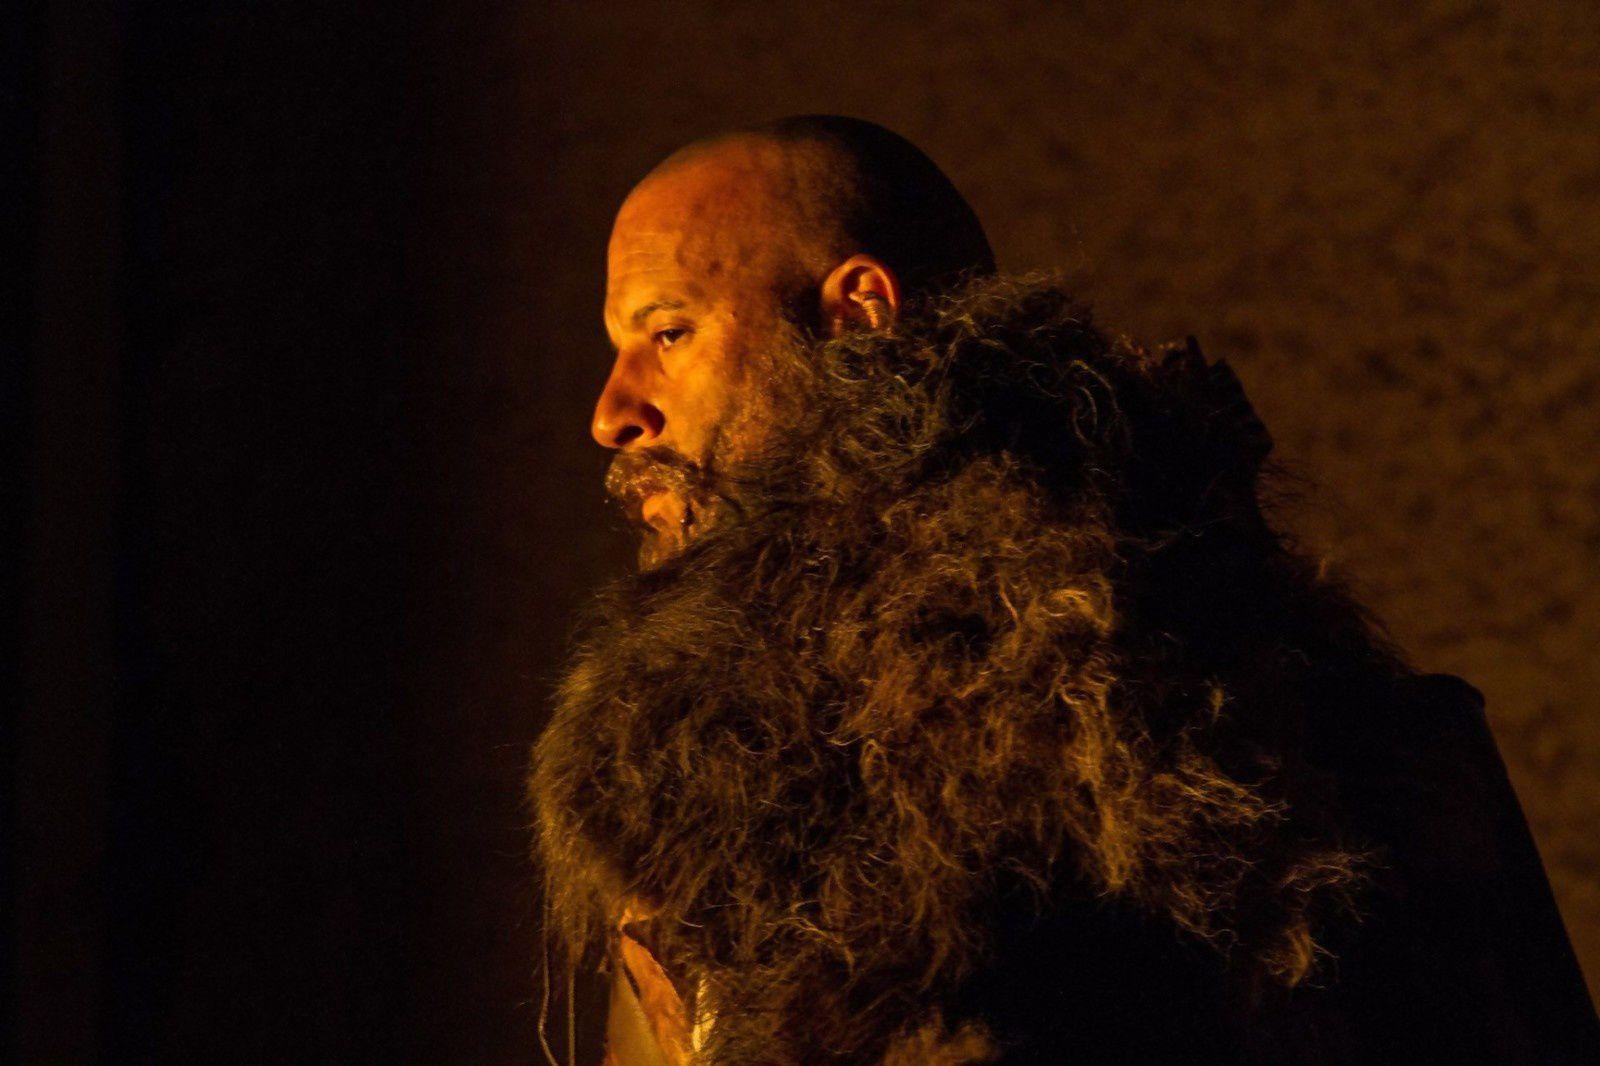 Le dernier chasseur de sorcières (BANDE ANNONCE VF et VOST 2015) avec Vin Diesel, Elijah Wood, Rose Leslie, Michael Caine (The Last Witch Hunter)